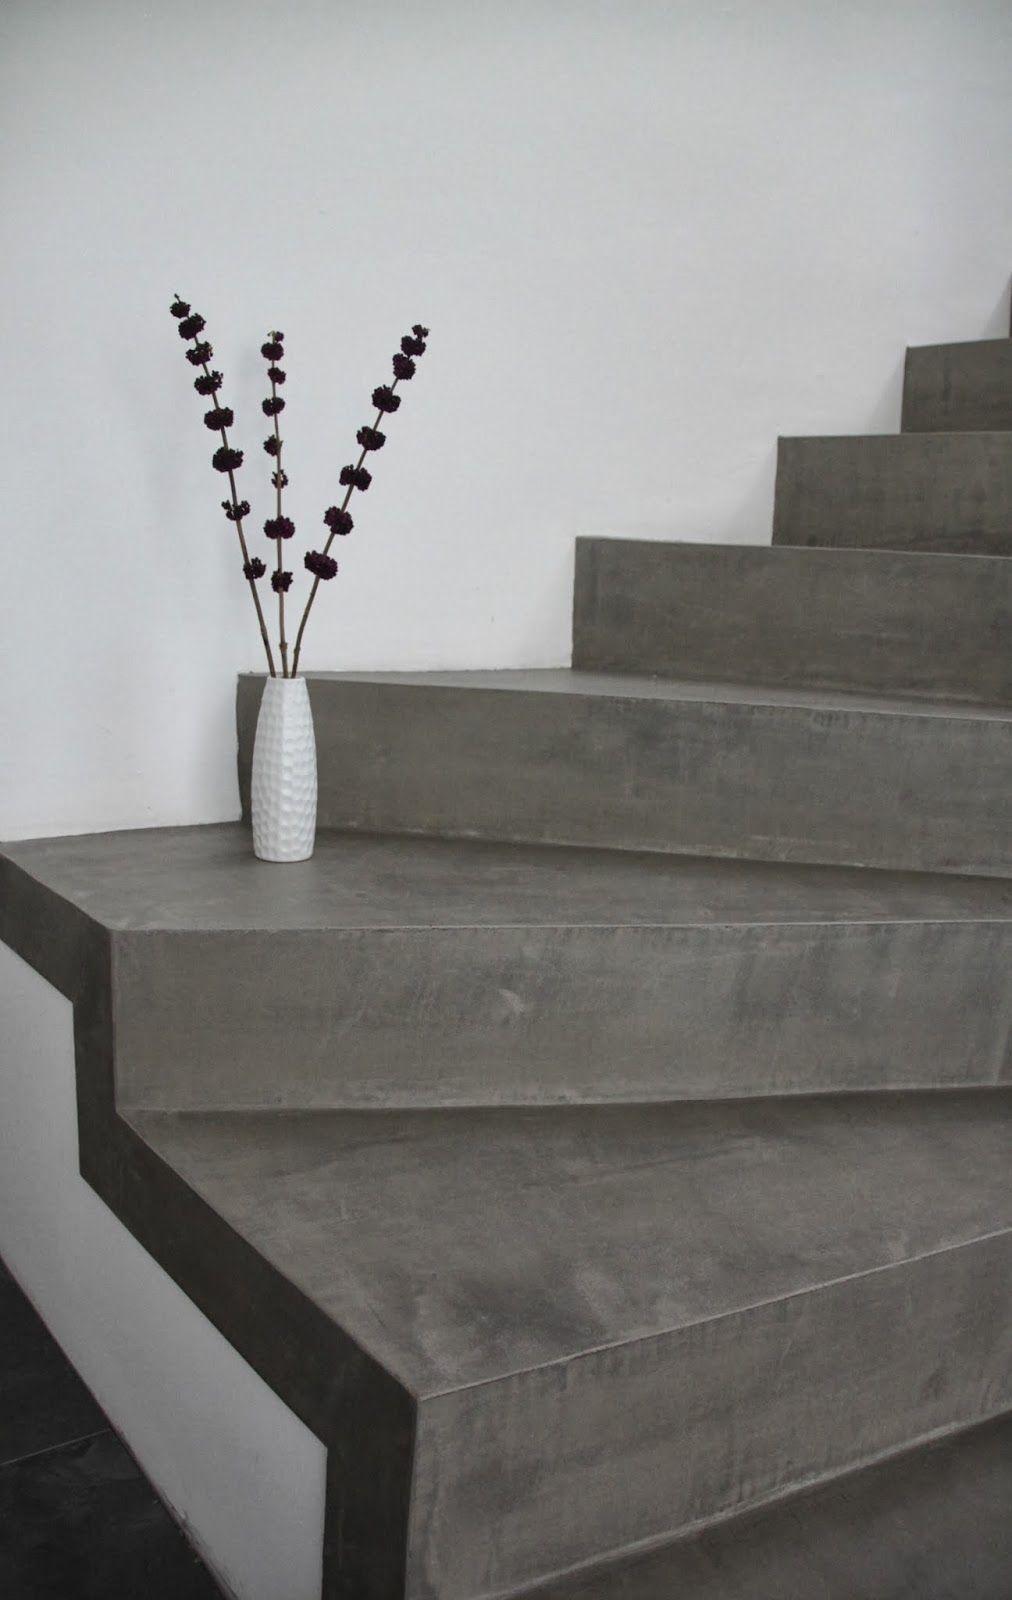 Die betontreppe wirkt im kontrast mit der wei en wand und - Betonlook wand ...